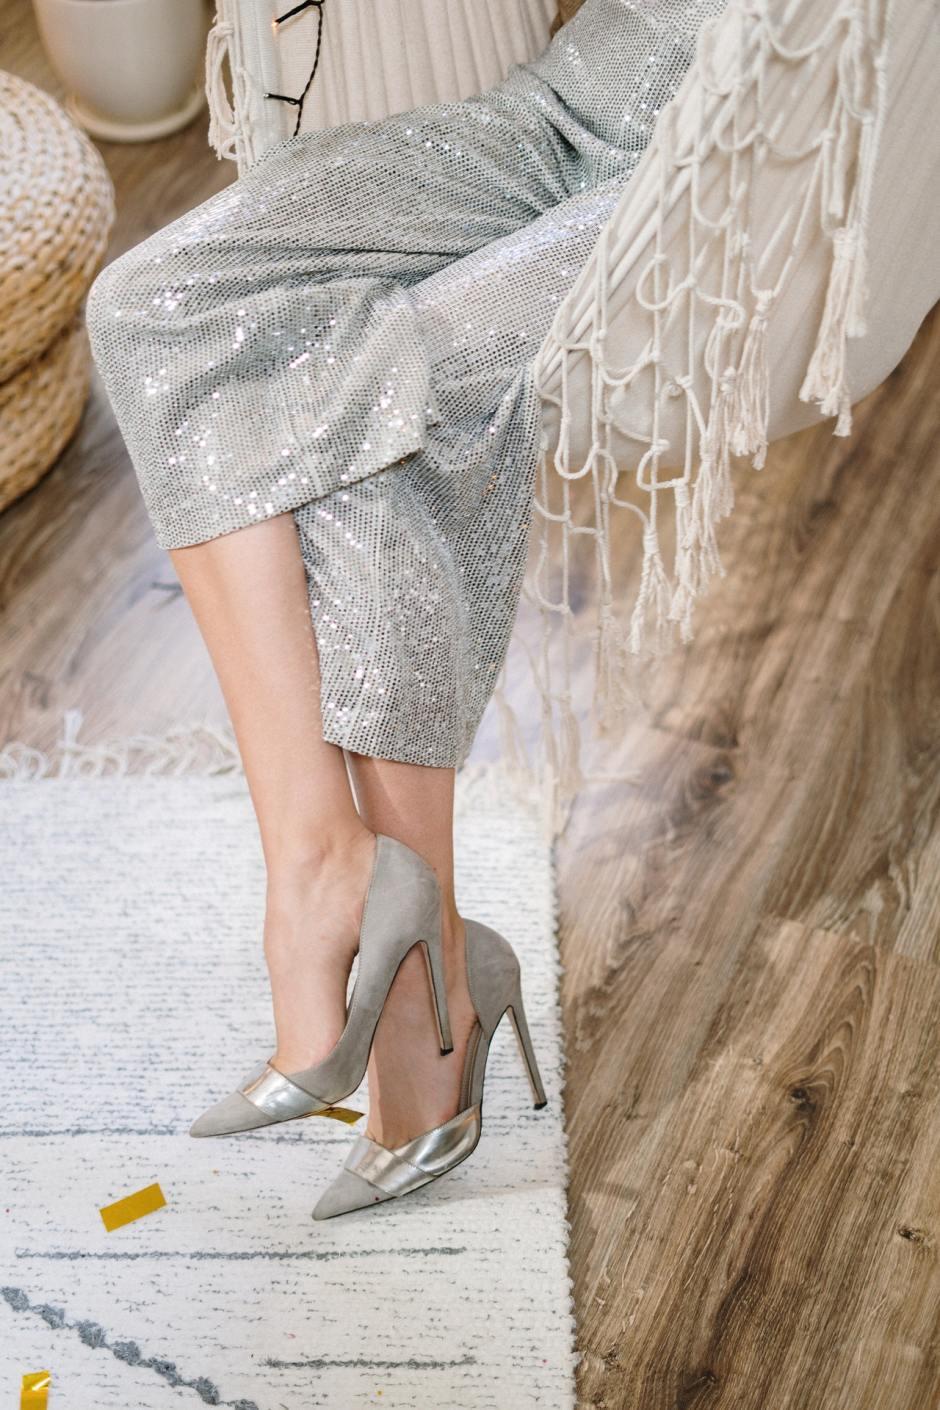 aw21 footwear trends 2021